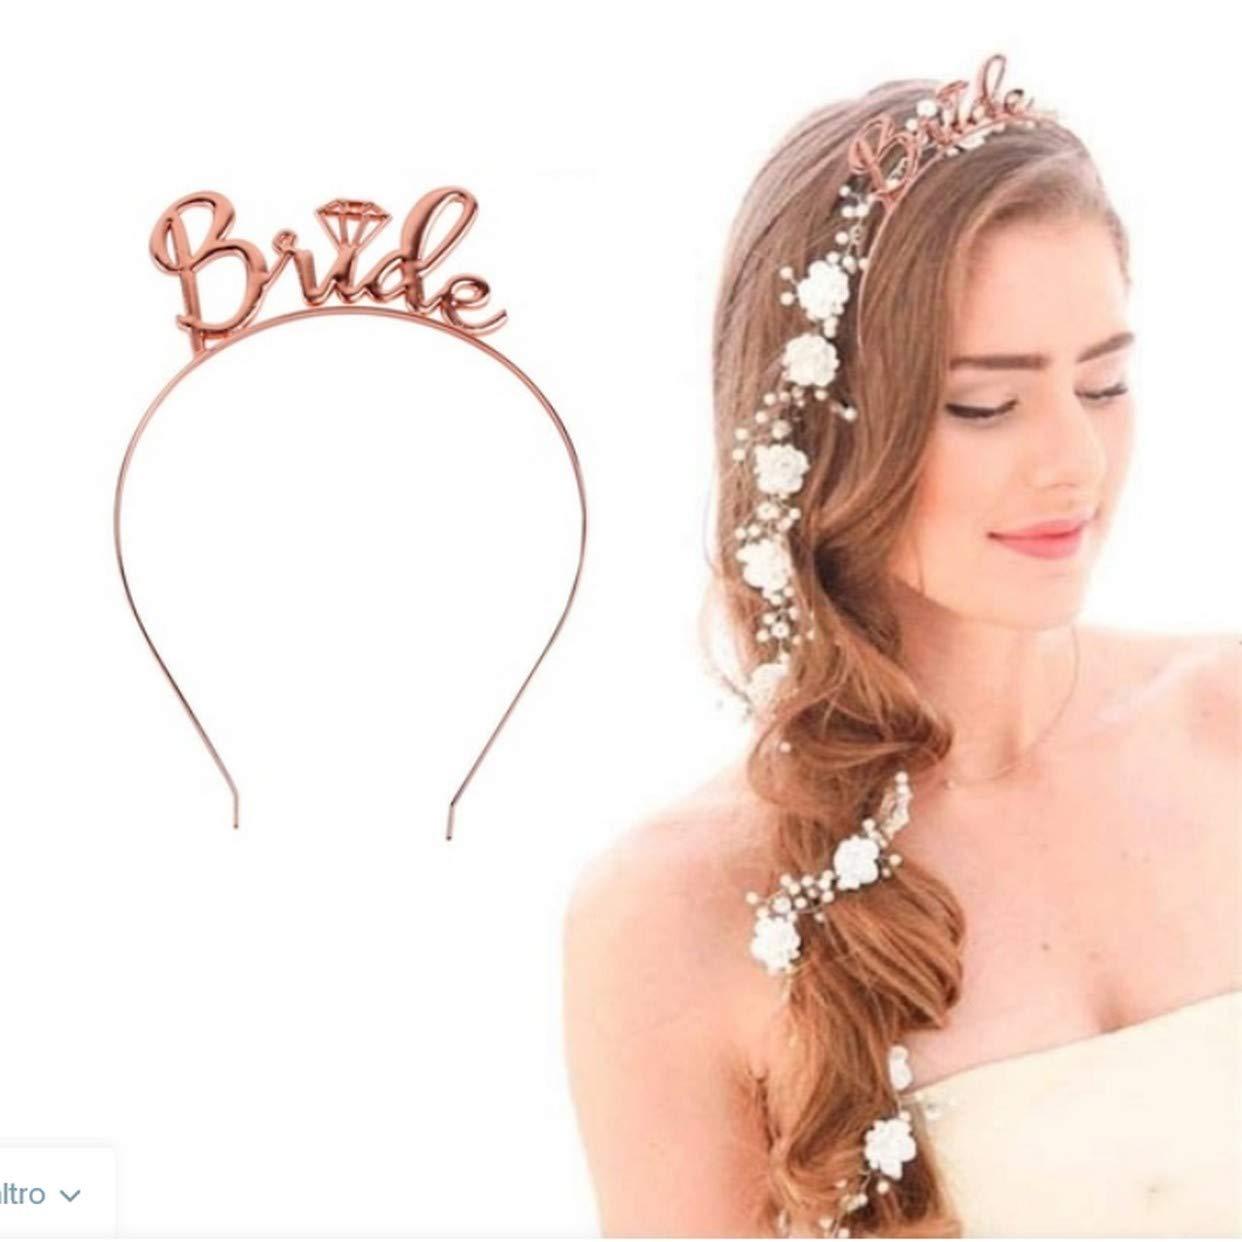 EVRYLON Gadget Sposa Addio al Nubilato Fascia e Corona Bride to be Futura Sposa Colore Rosa CF 2 Pezzi